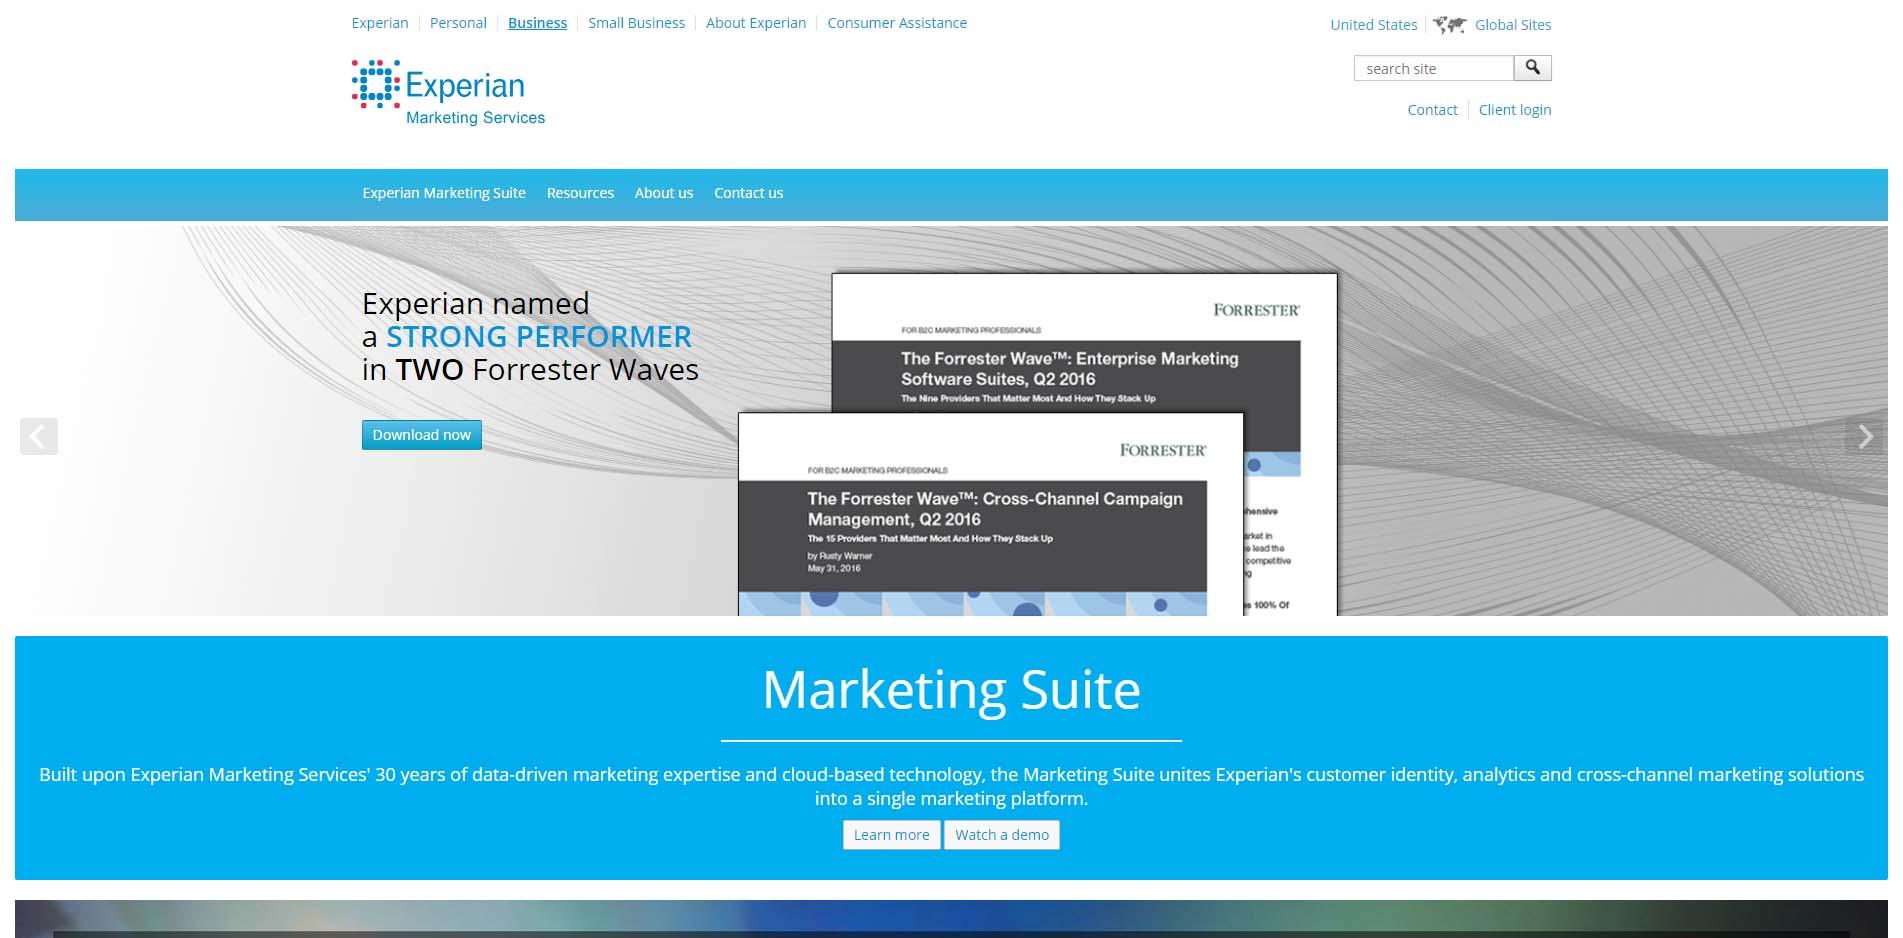 seo-blog-experian-com-marketing-services